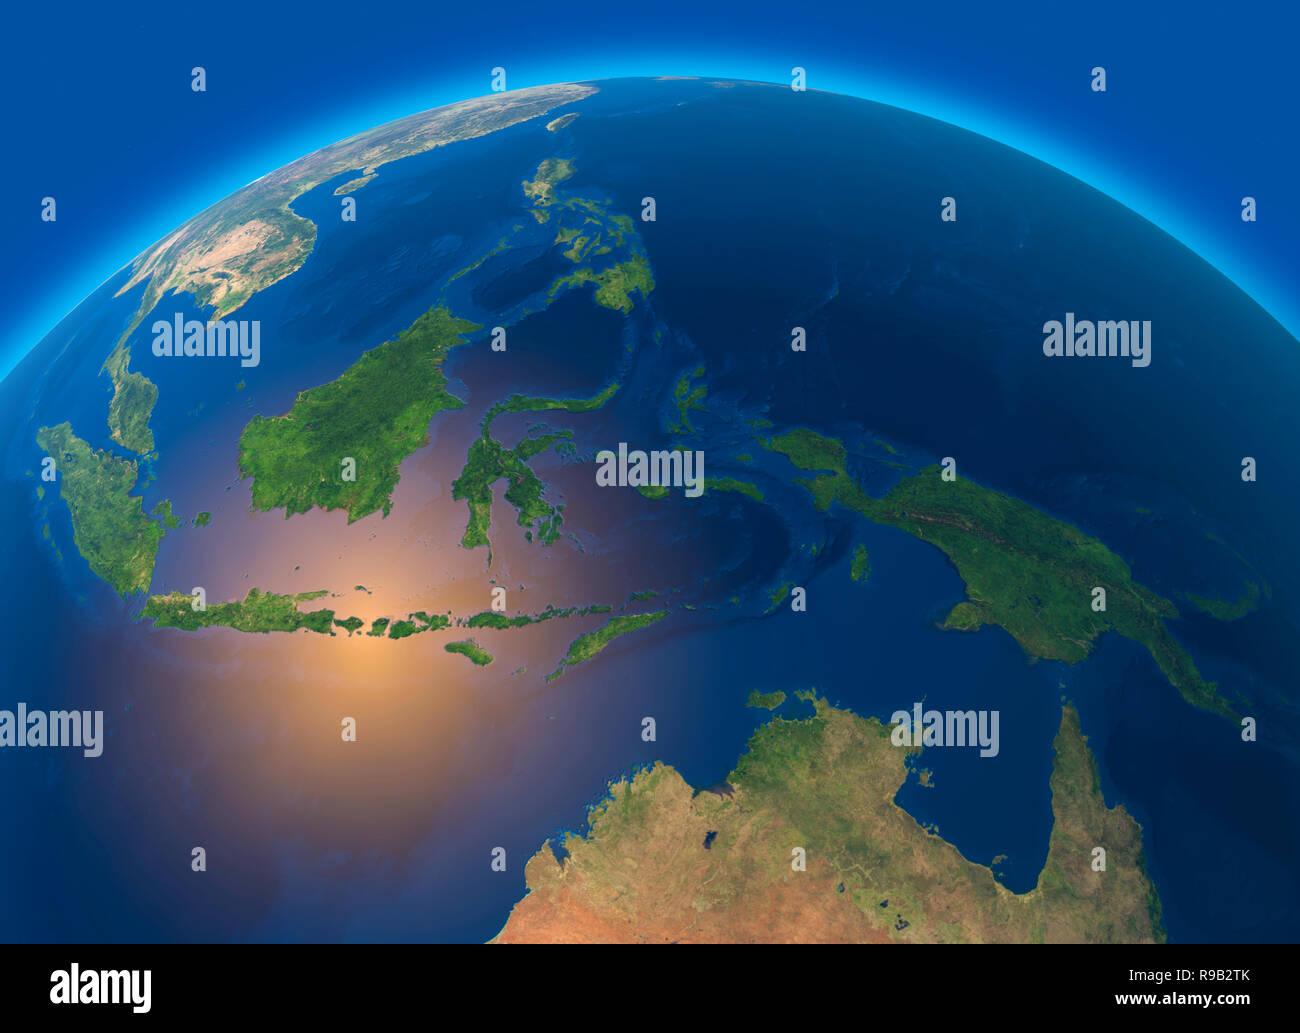 Indonesien Karte Physisch.Physische Karte Der Welt Satelliten Ansicht Von Sudost